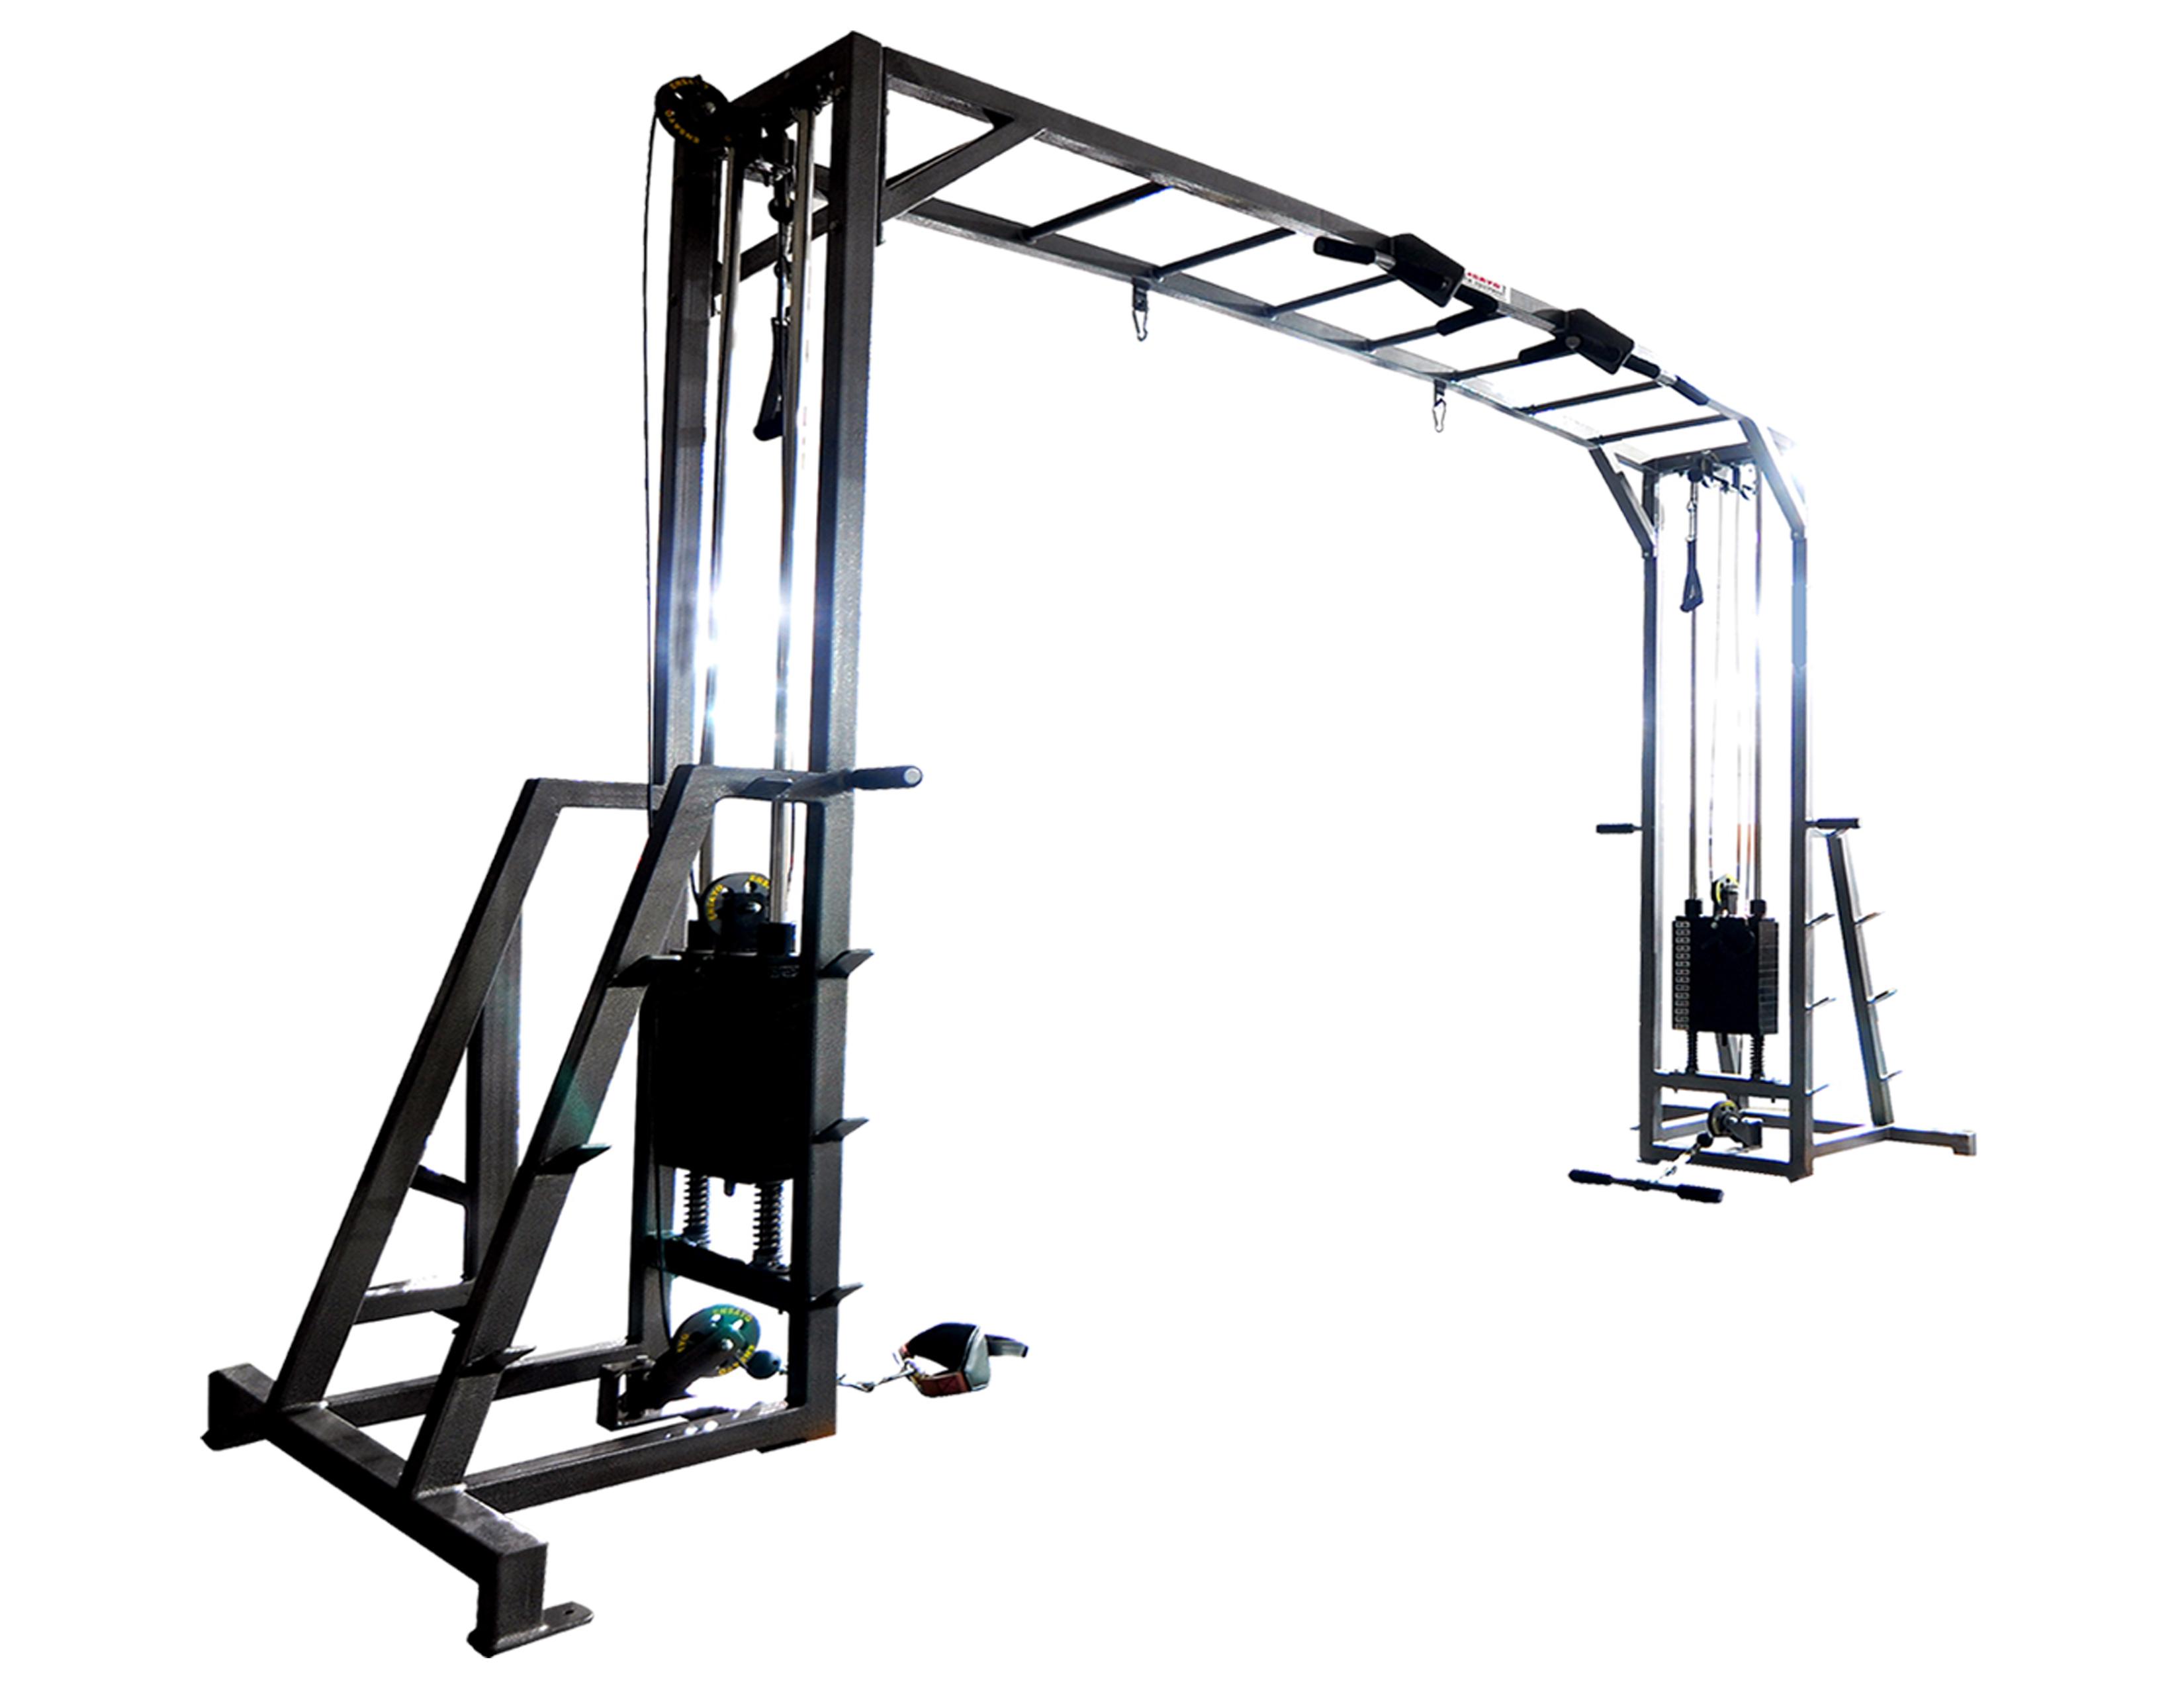 Cable Xover Machine 2x200lbs B Ensayo Gym Equipment Inc